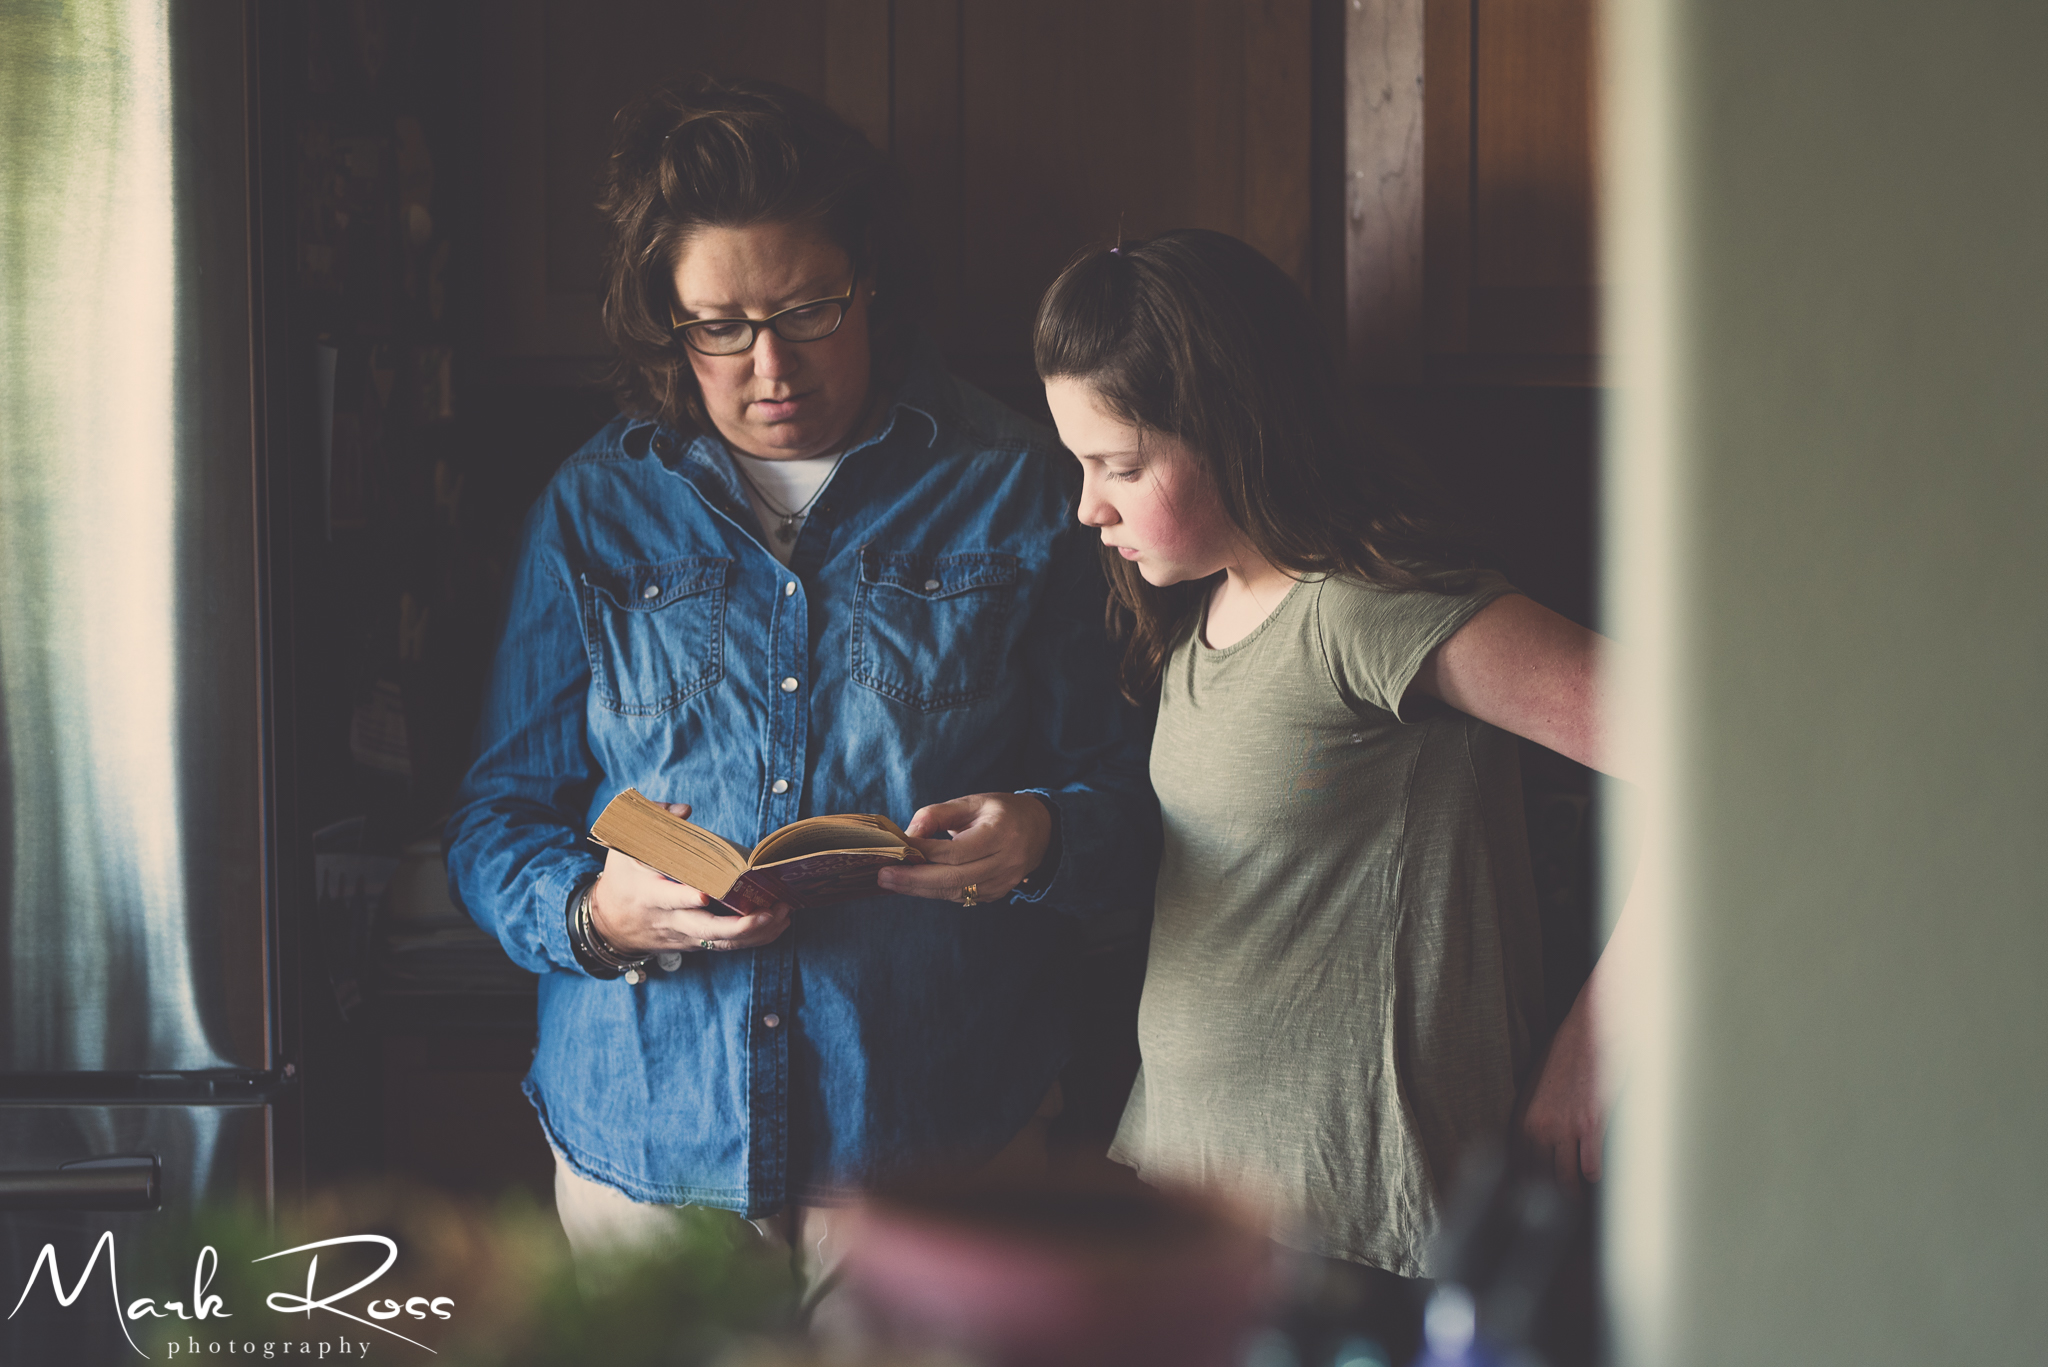 Denver-Family-Photographer-Mark-Ross-Photographer-Ahlstrand-Family-Watermarked-43.jpg